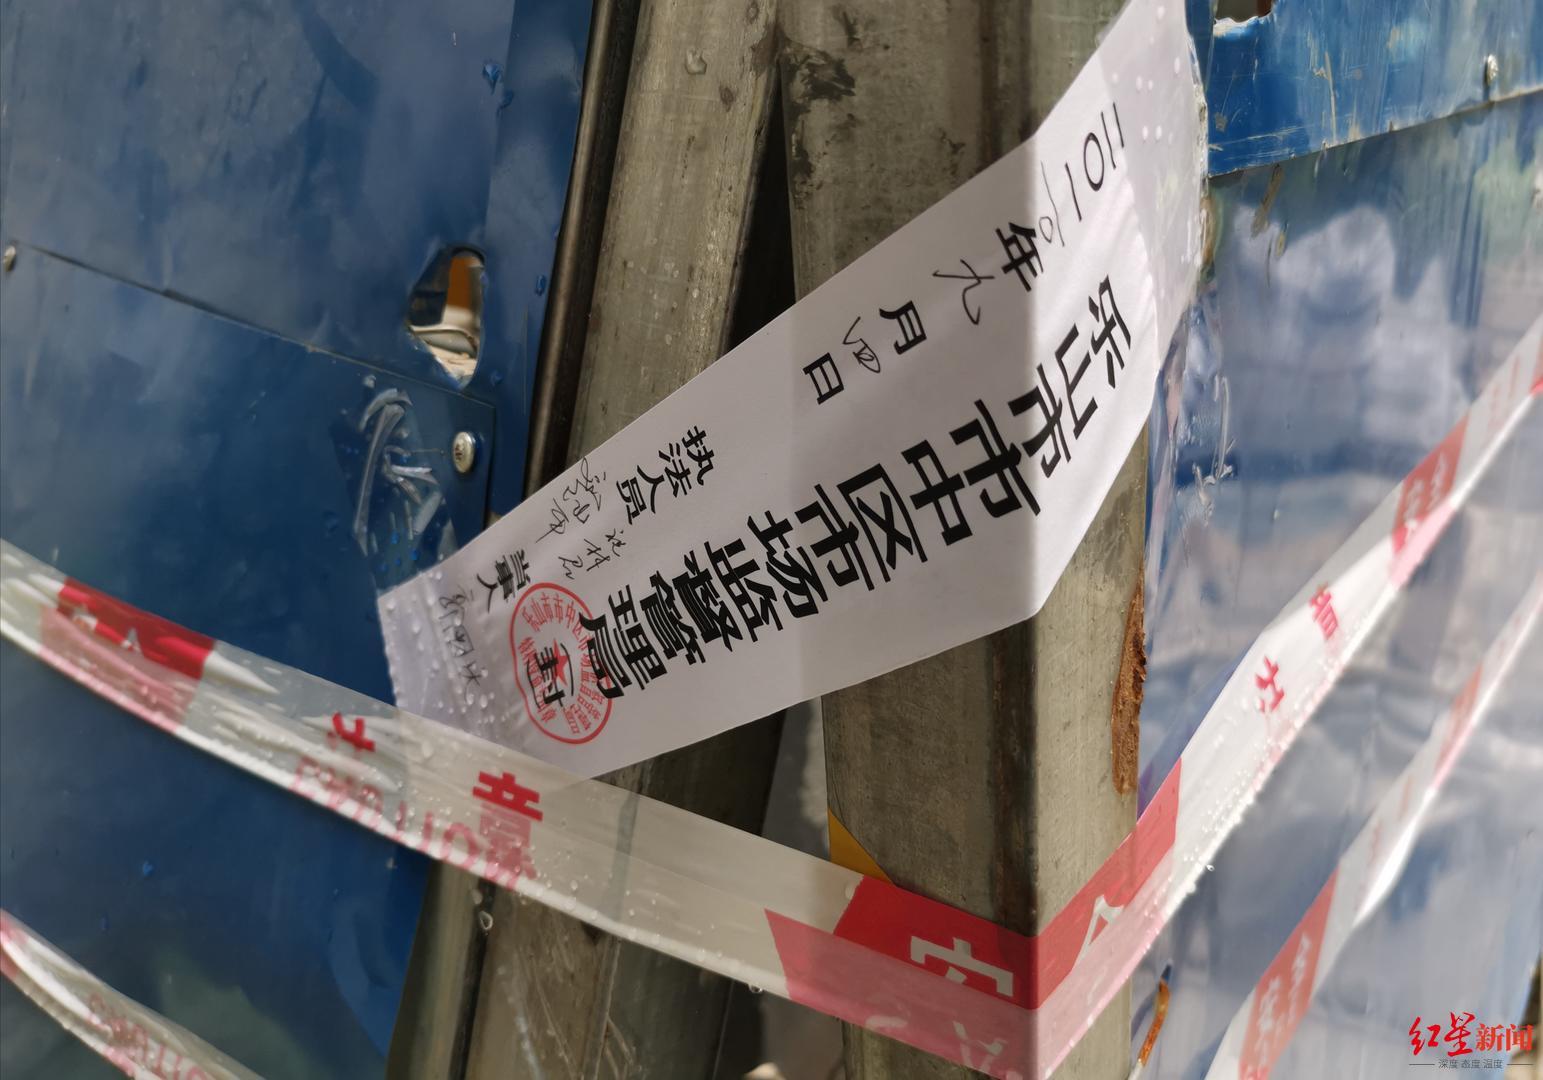 小区加装电梯出人命 曾发生阻工风波仍未解决争议